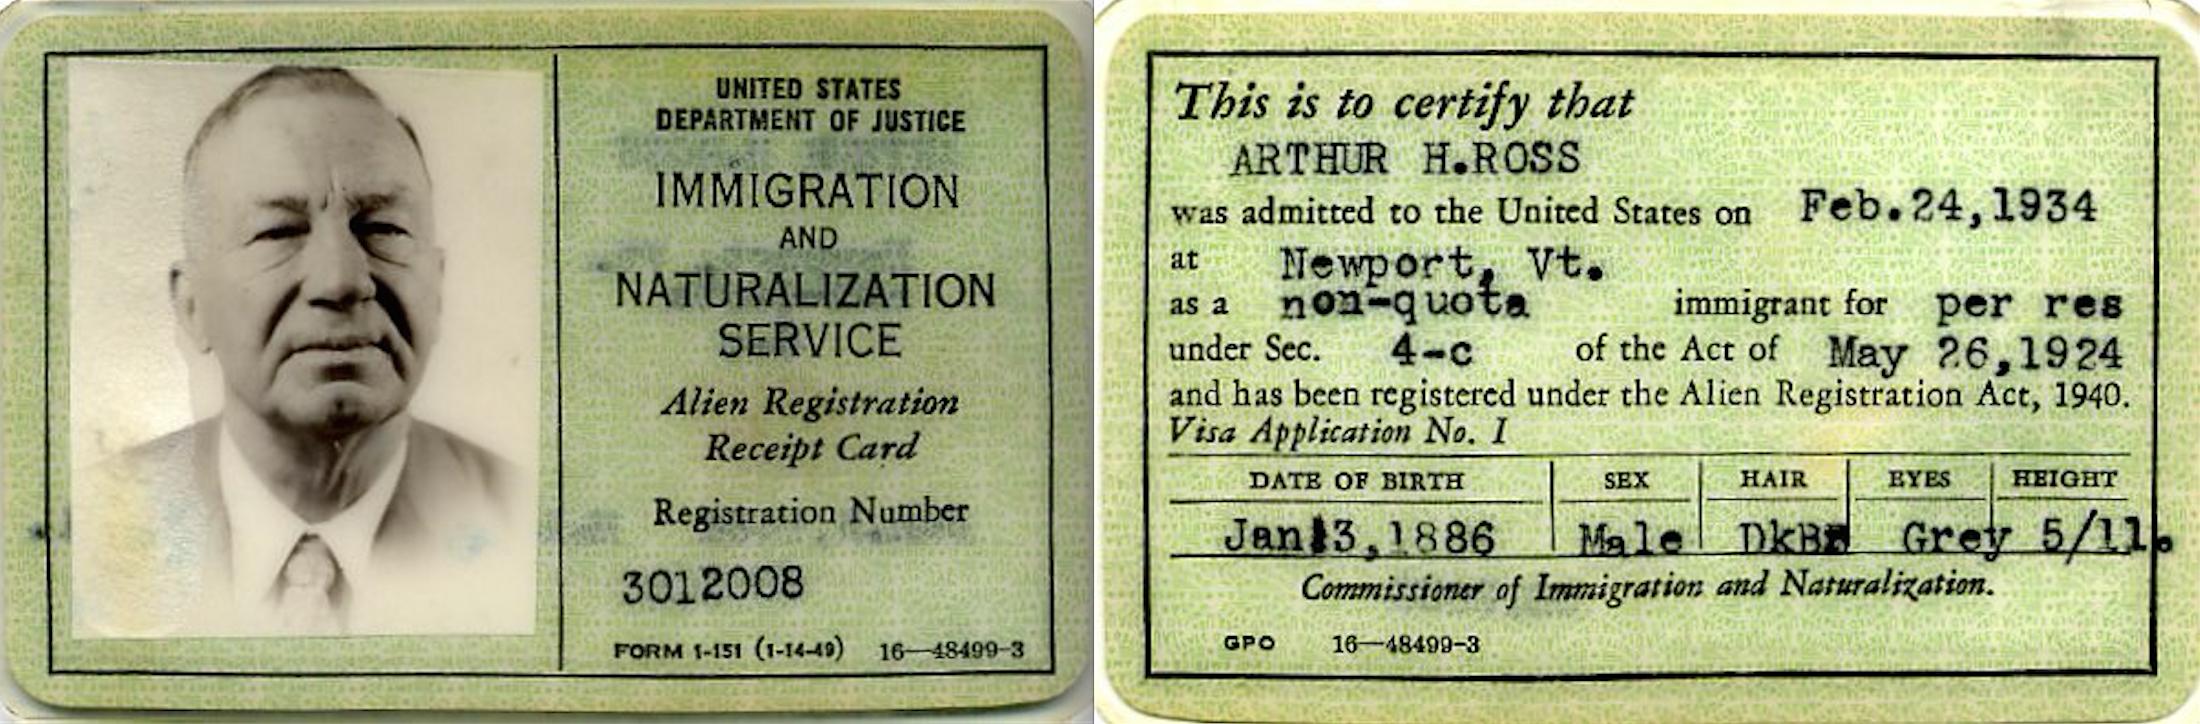 AHR Immigrate